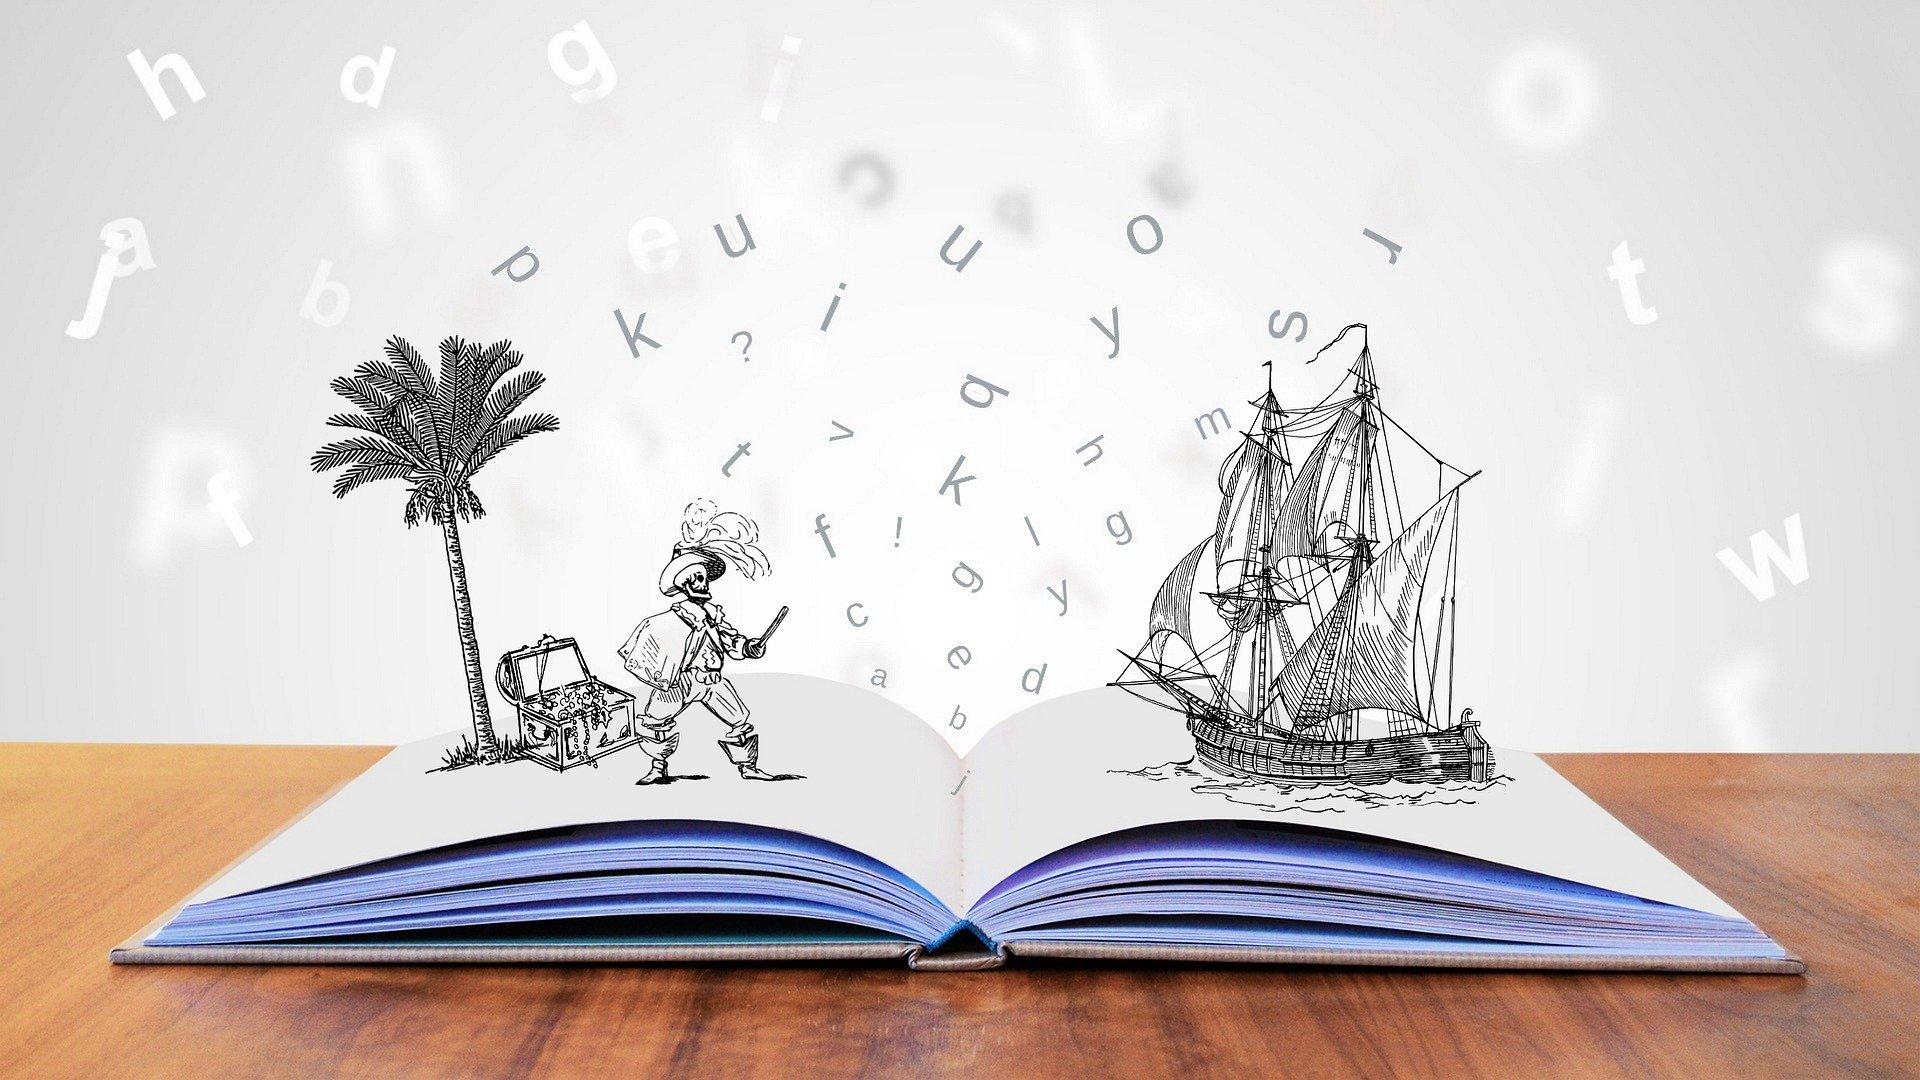 漫画「五等分の花嫁」を無料で読む方法!全巻お得に読めるサービス比較